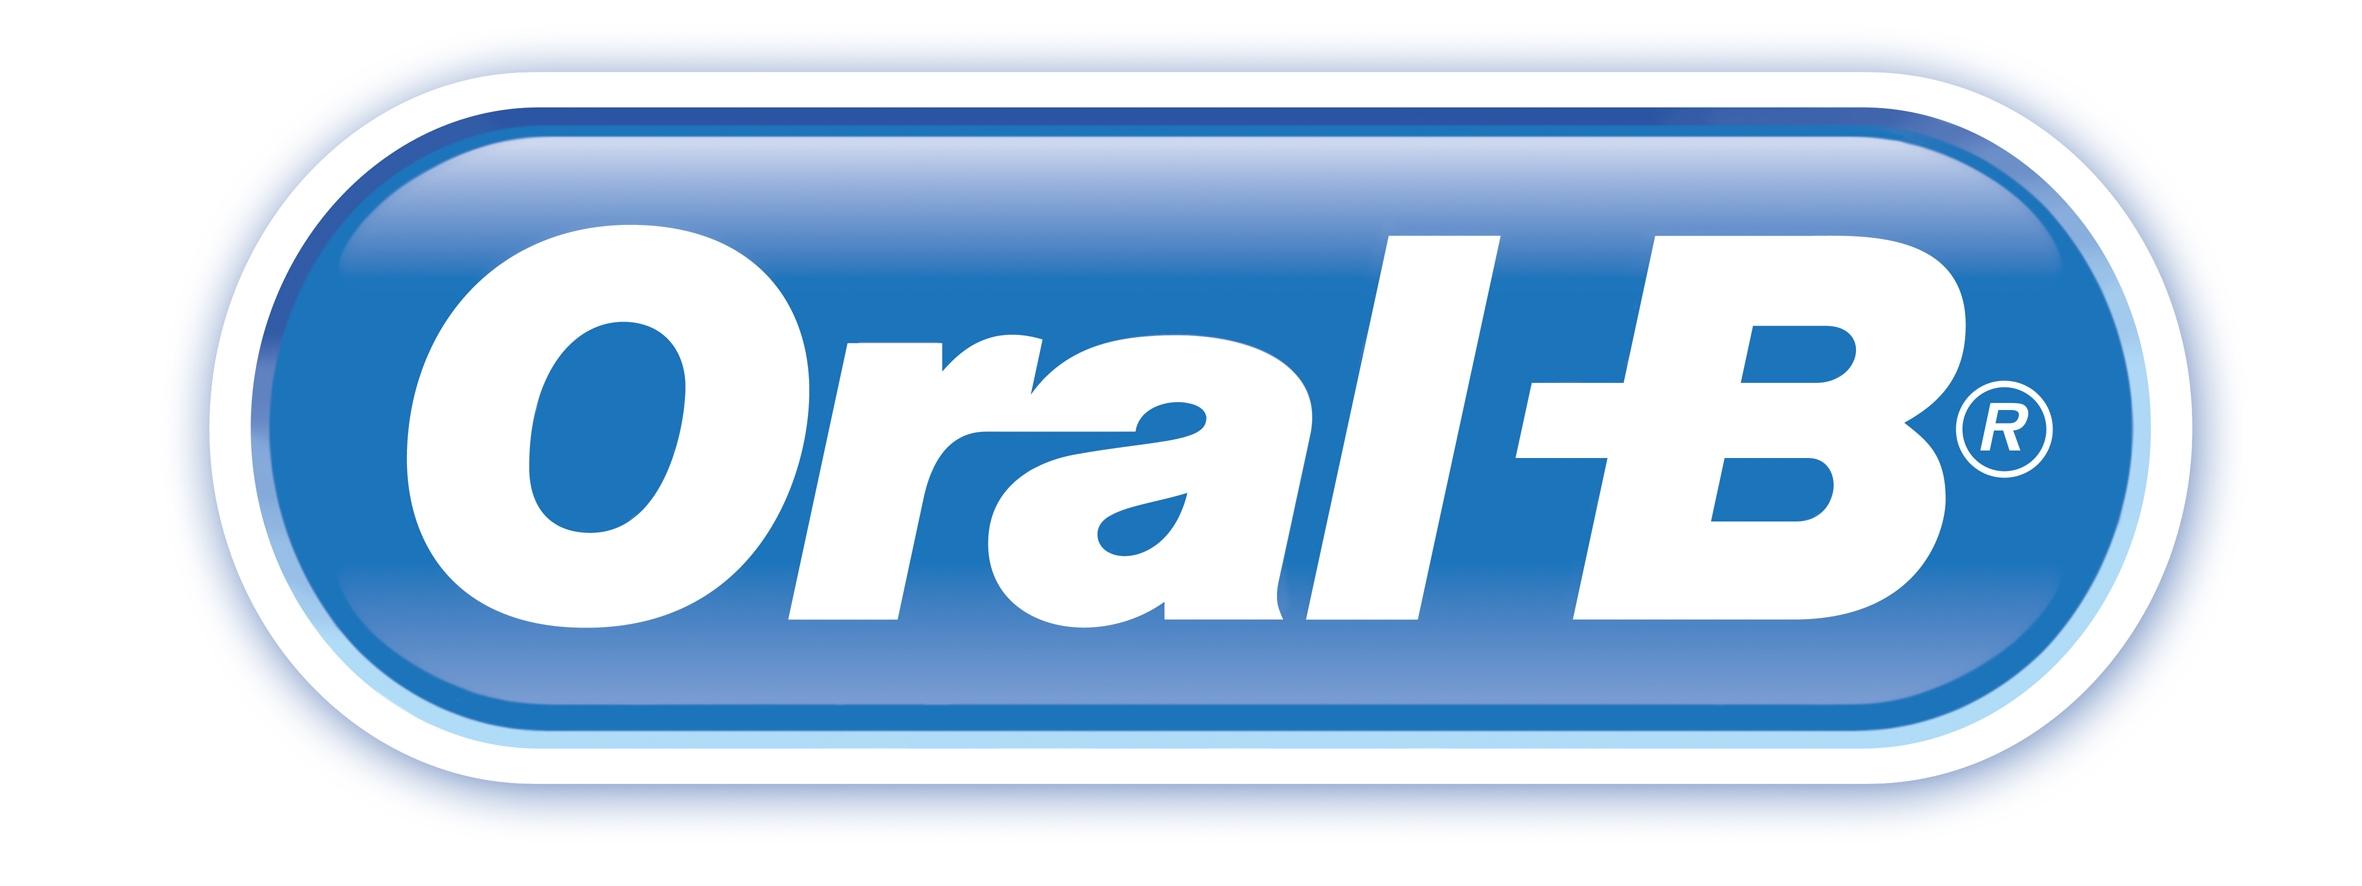 Oral-B - ������ ����� � ������� ��� ���, � ����� ������ ����. ����� 2.